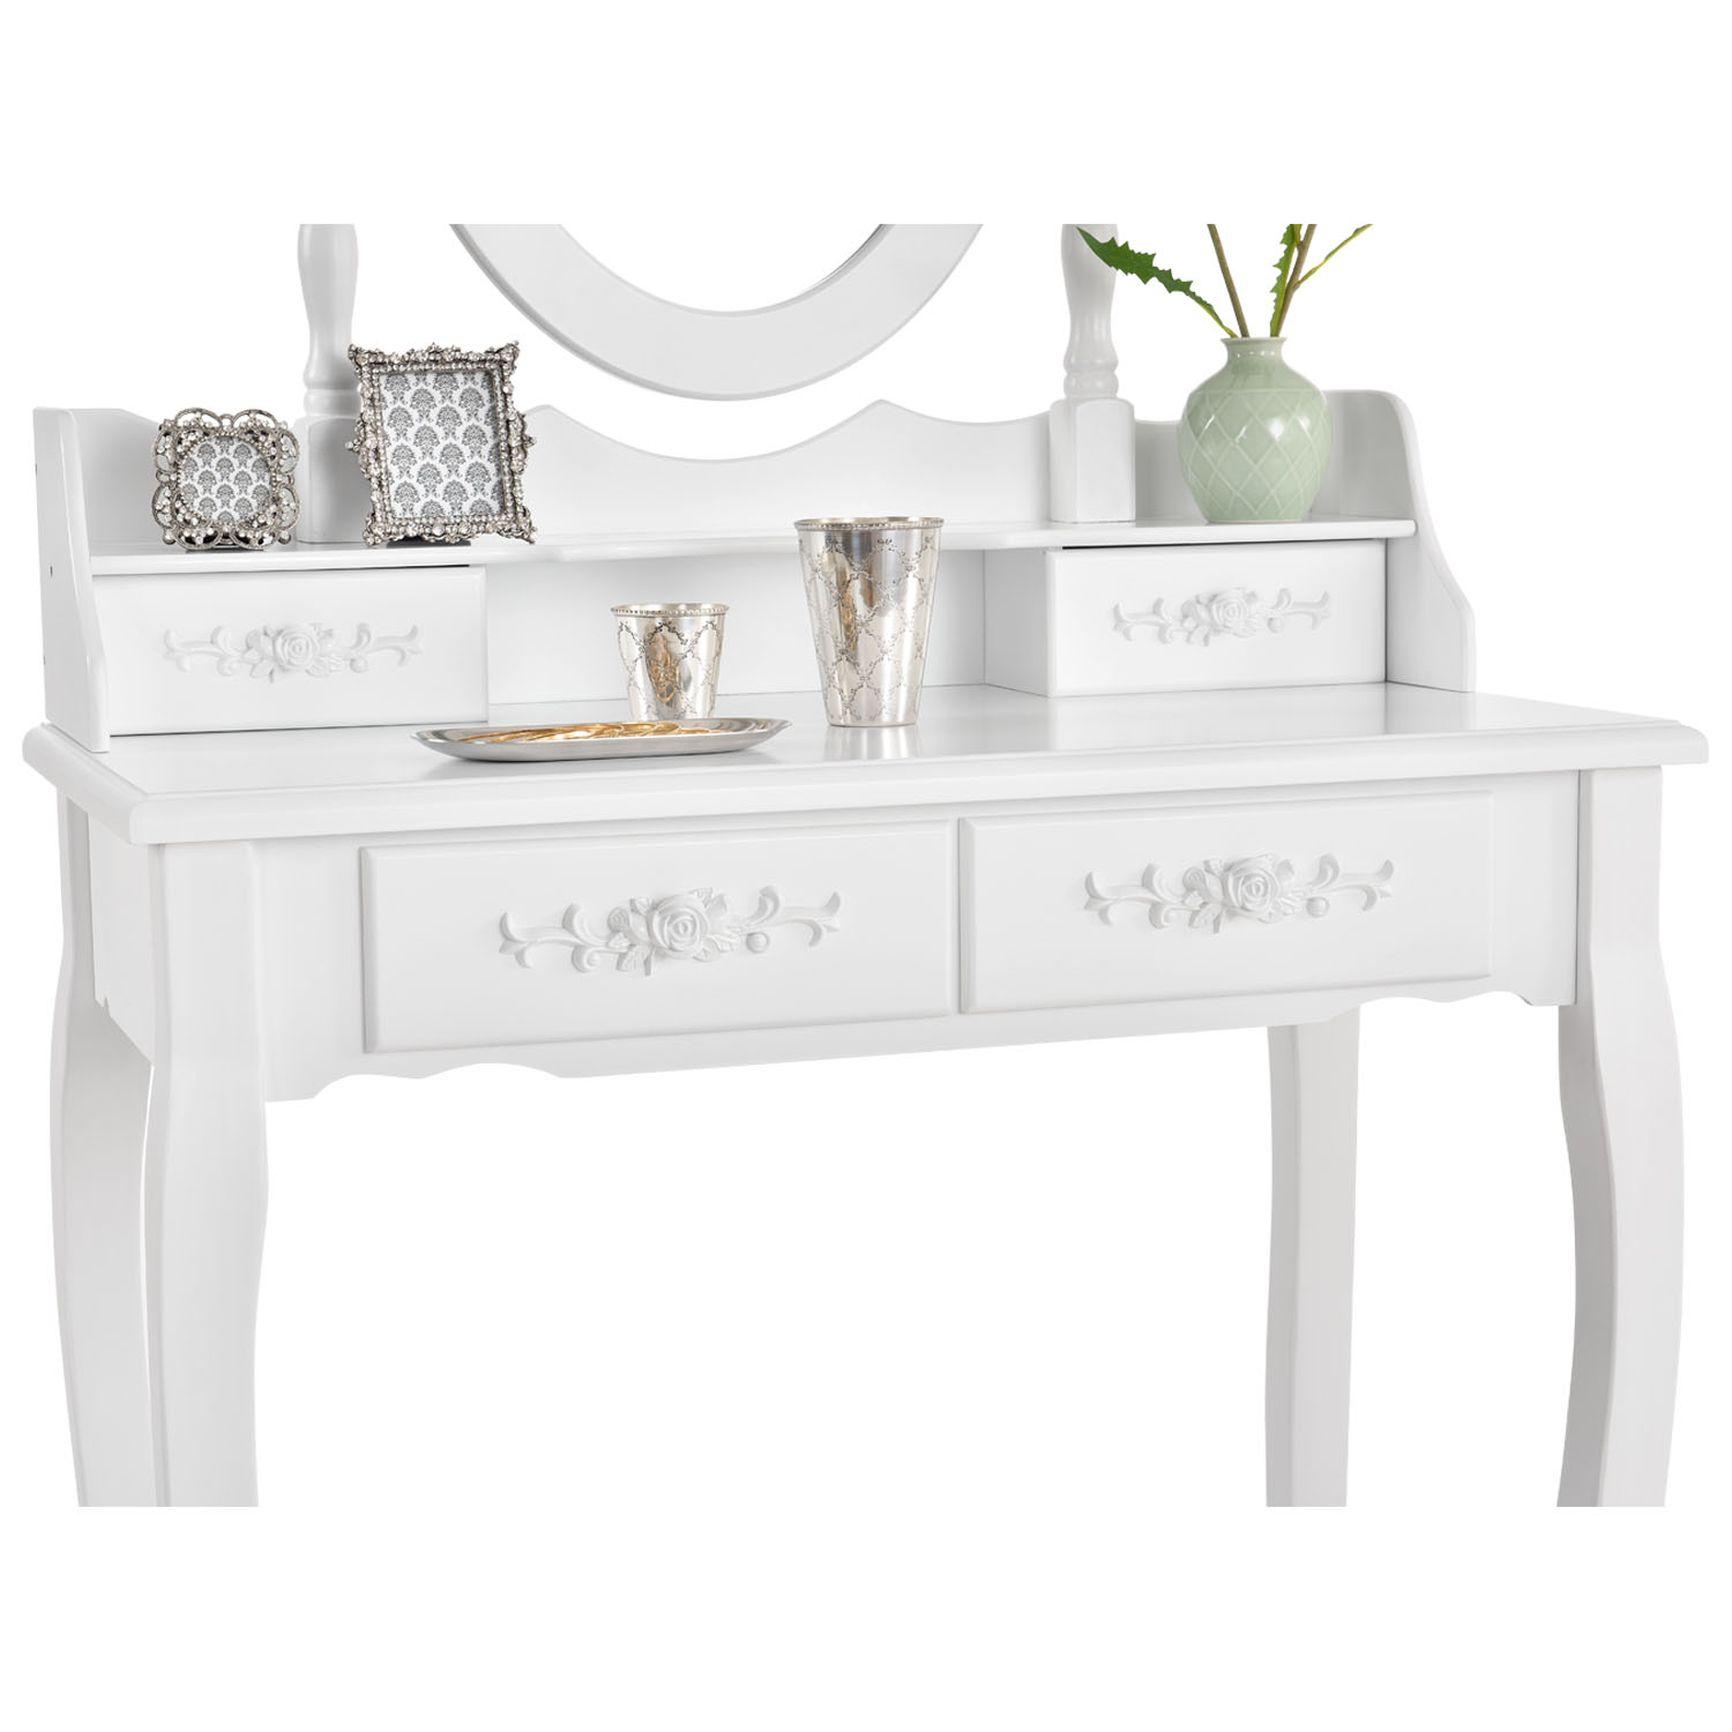 teppiche m bel online kaufen decopoint online shop schminktisch kosmetiktisch. Black Bedroom Furniture Sets. Home Design Ideas